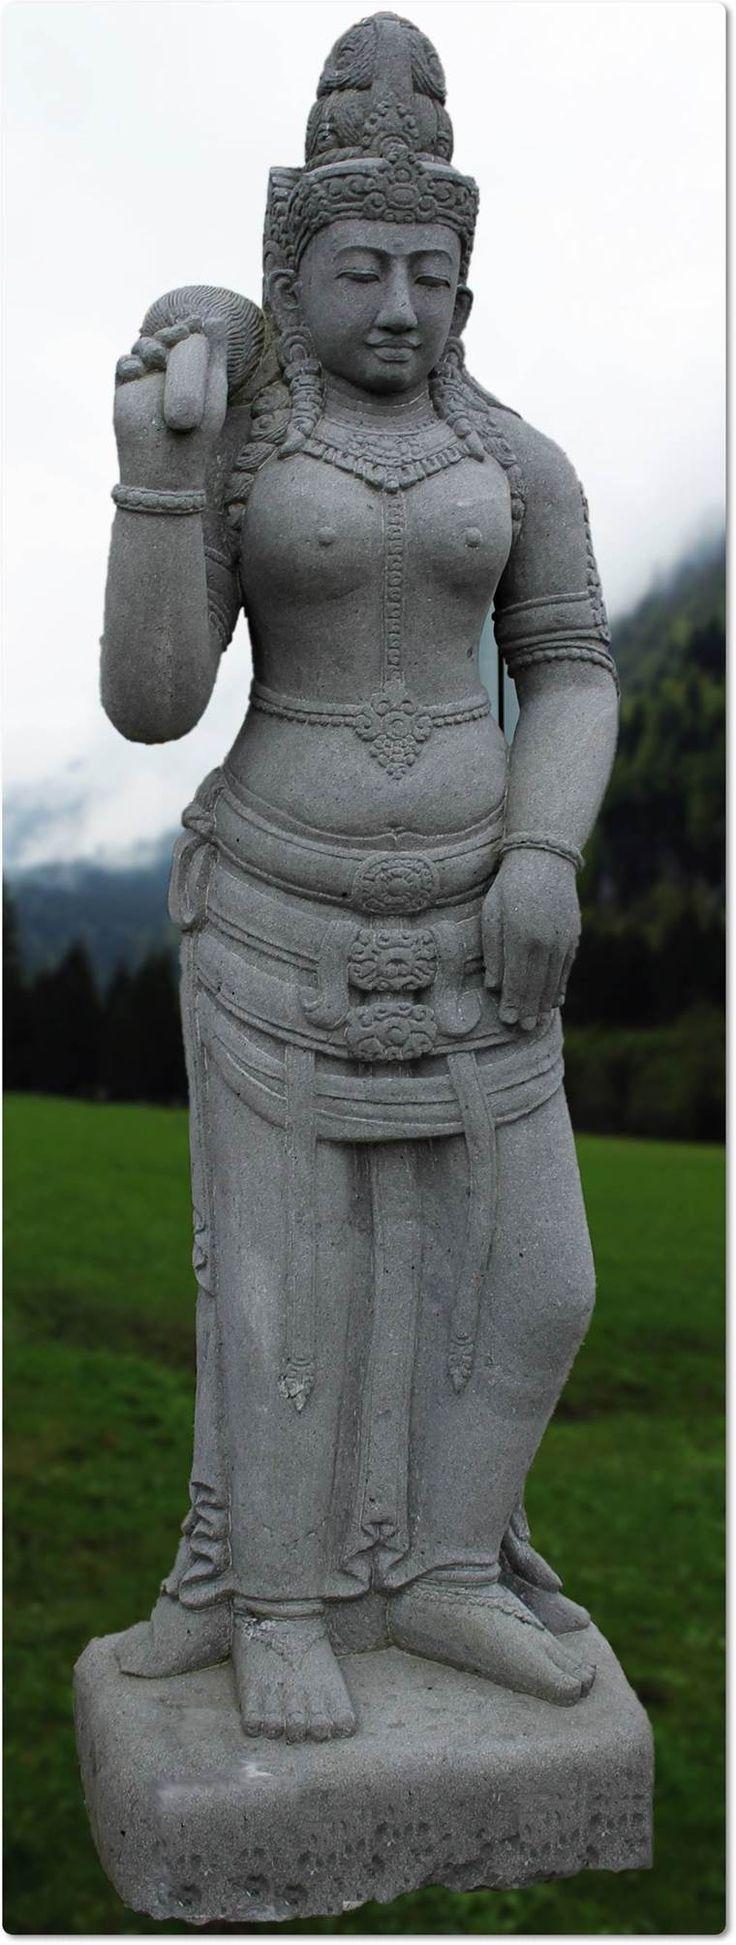 Hindustische Steinfigur Lakshmi aus pyroklastischem Lavagestein